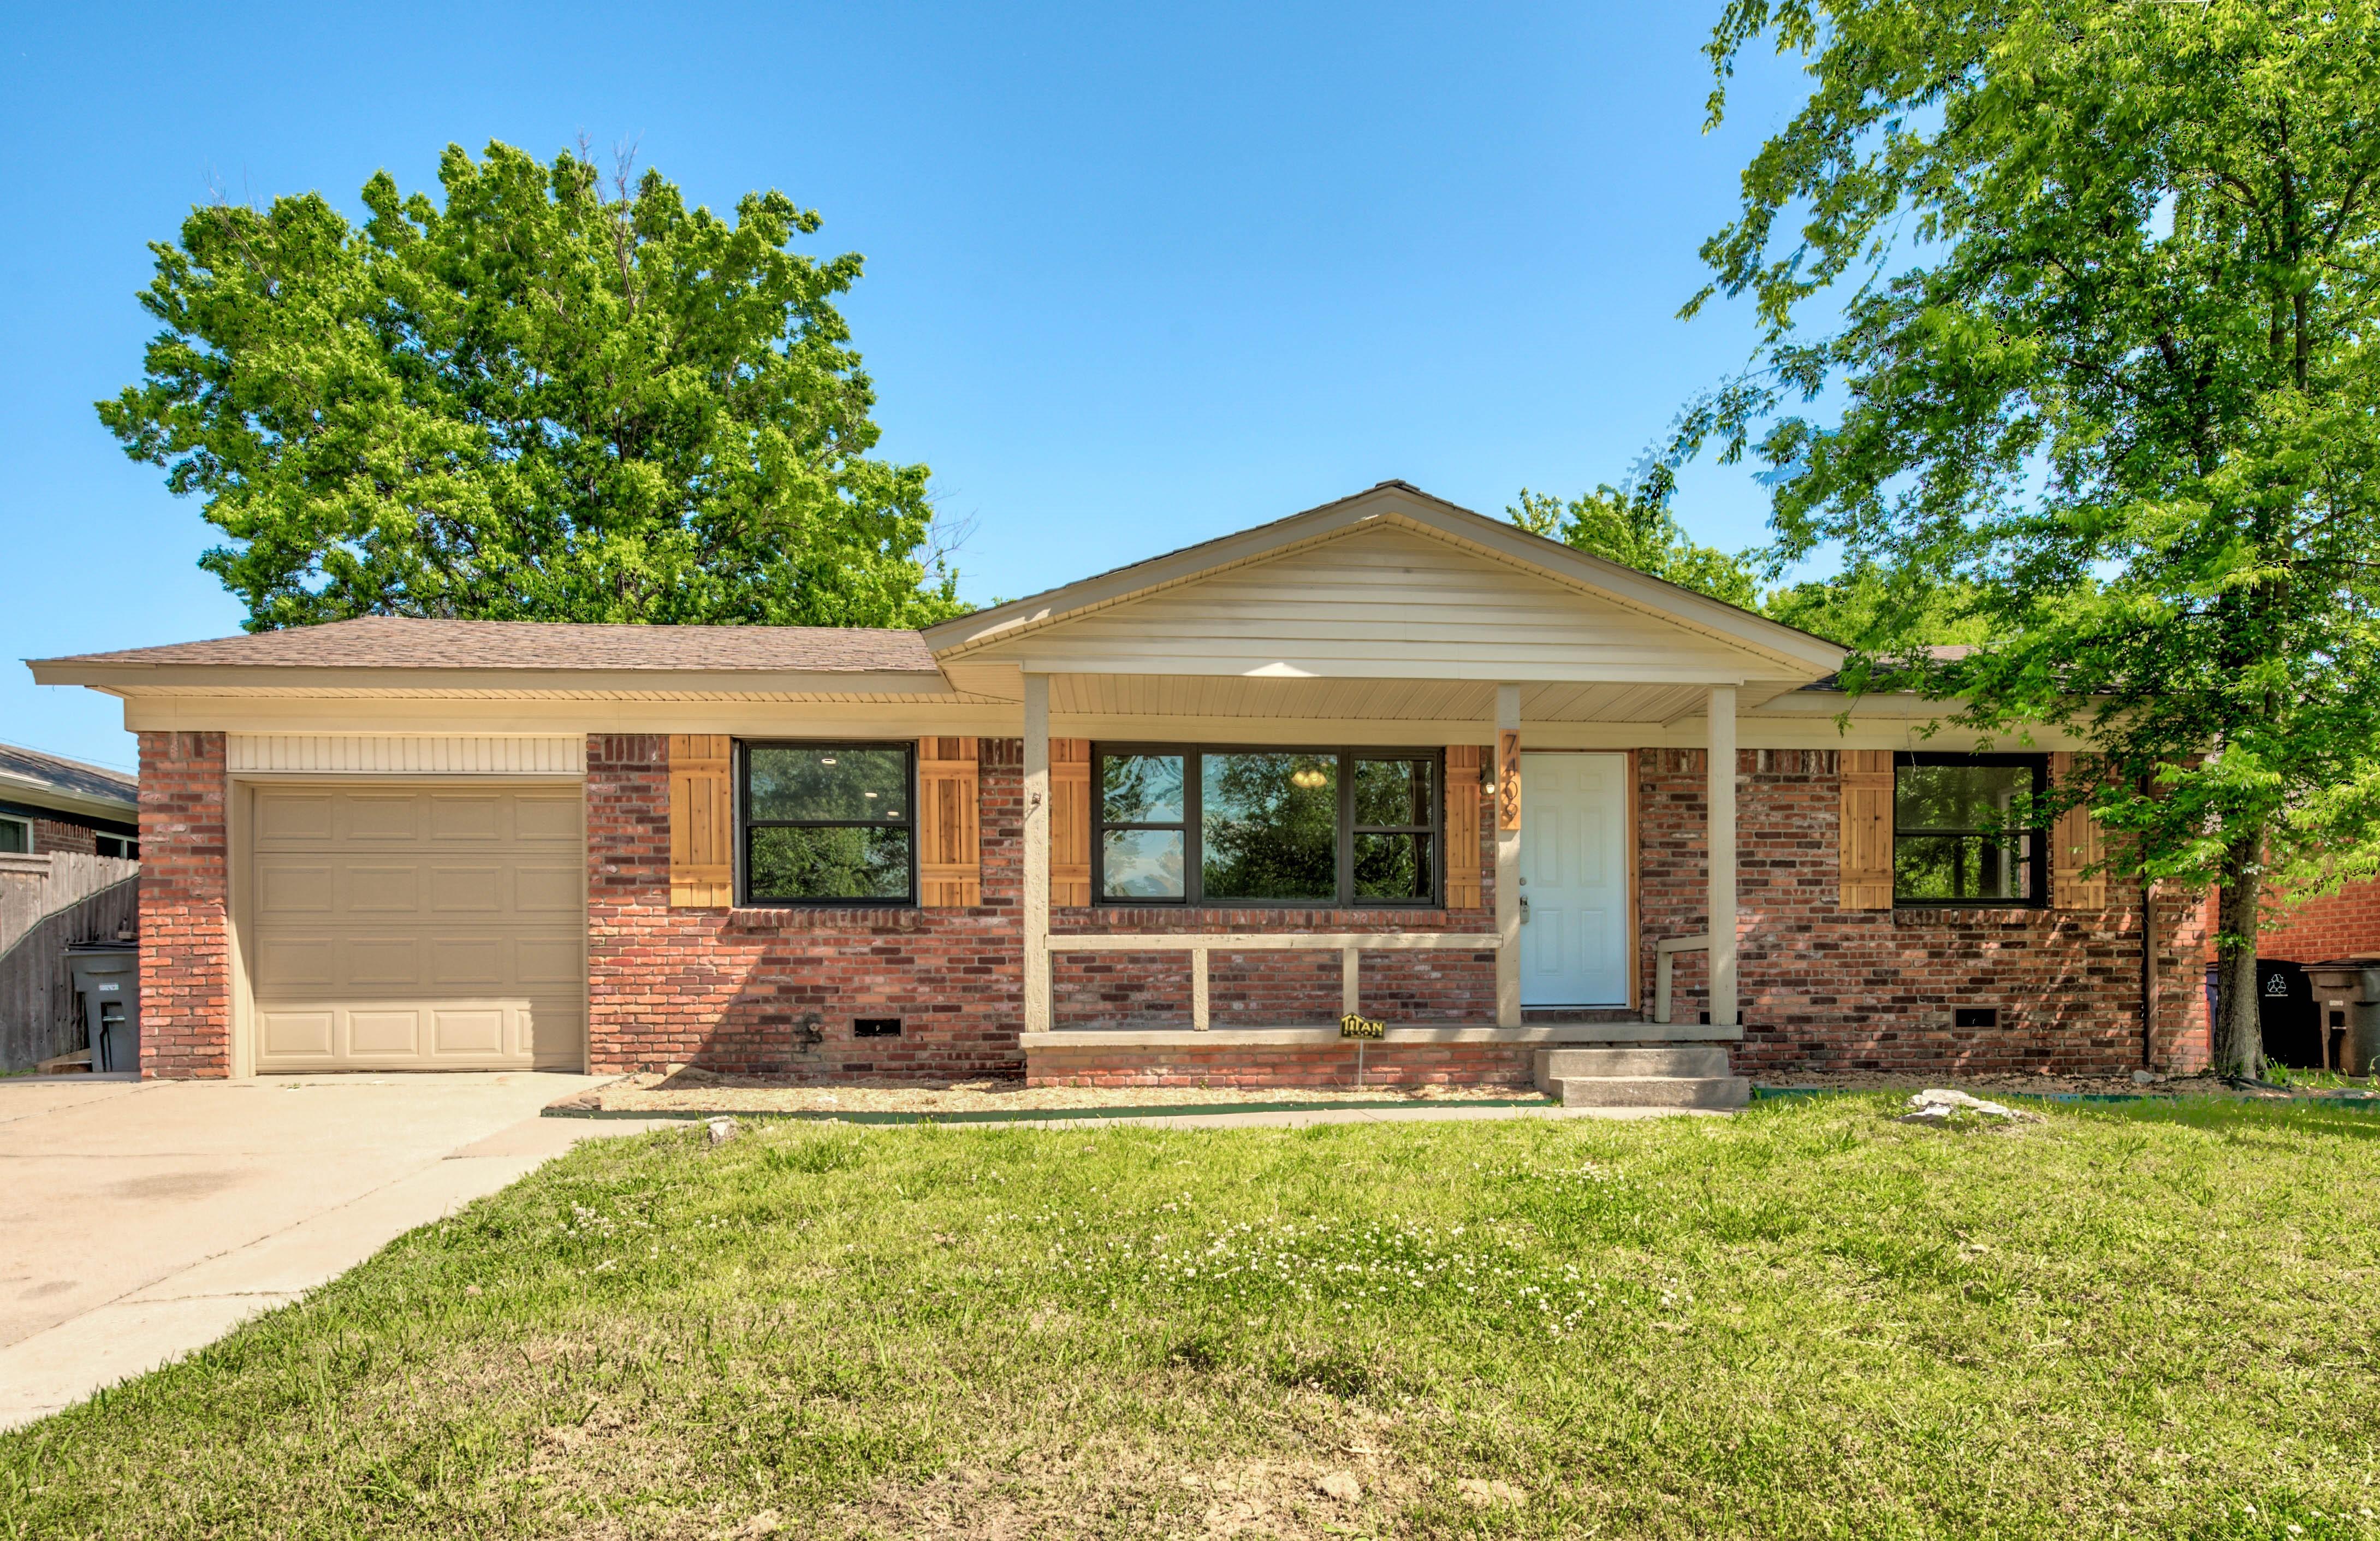 7409 E 30th Place Property Photo